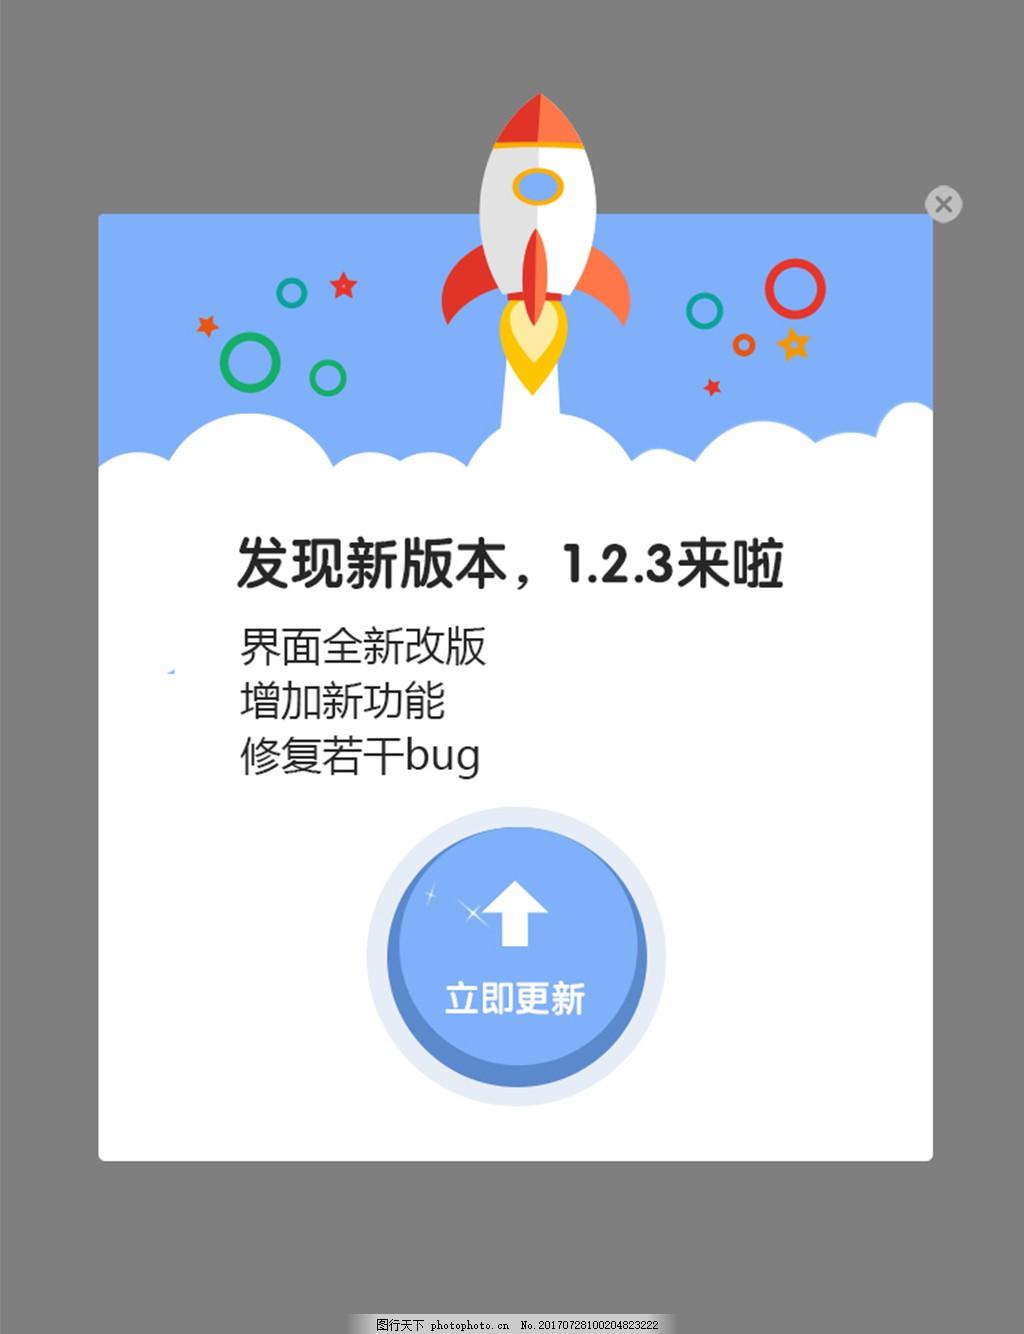 app版本更新弹窗提示 卡通 窗口 更新提示 提示窗 软件界面